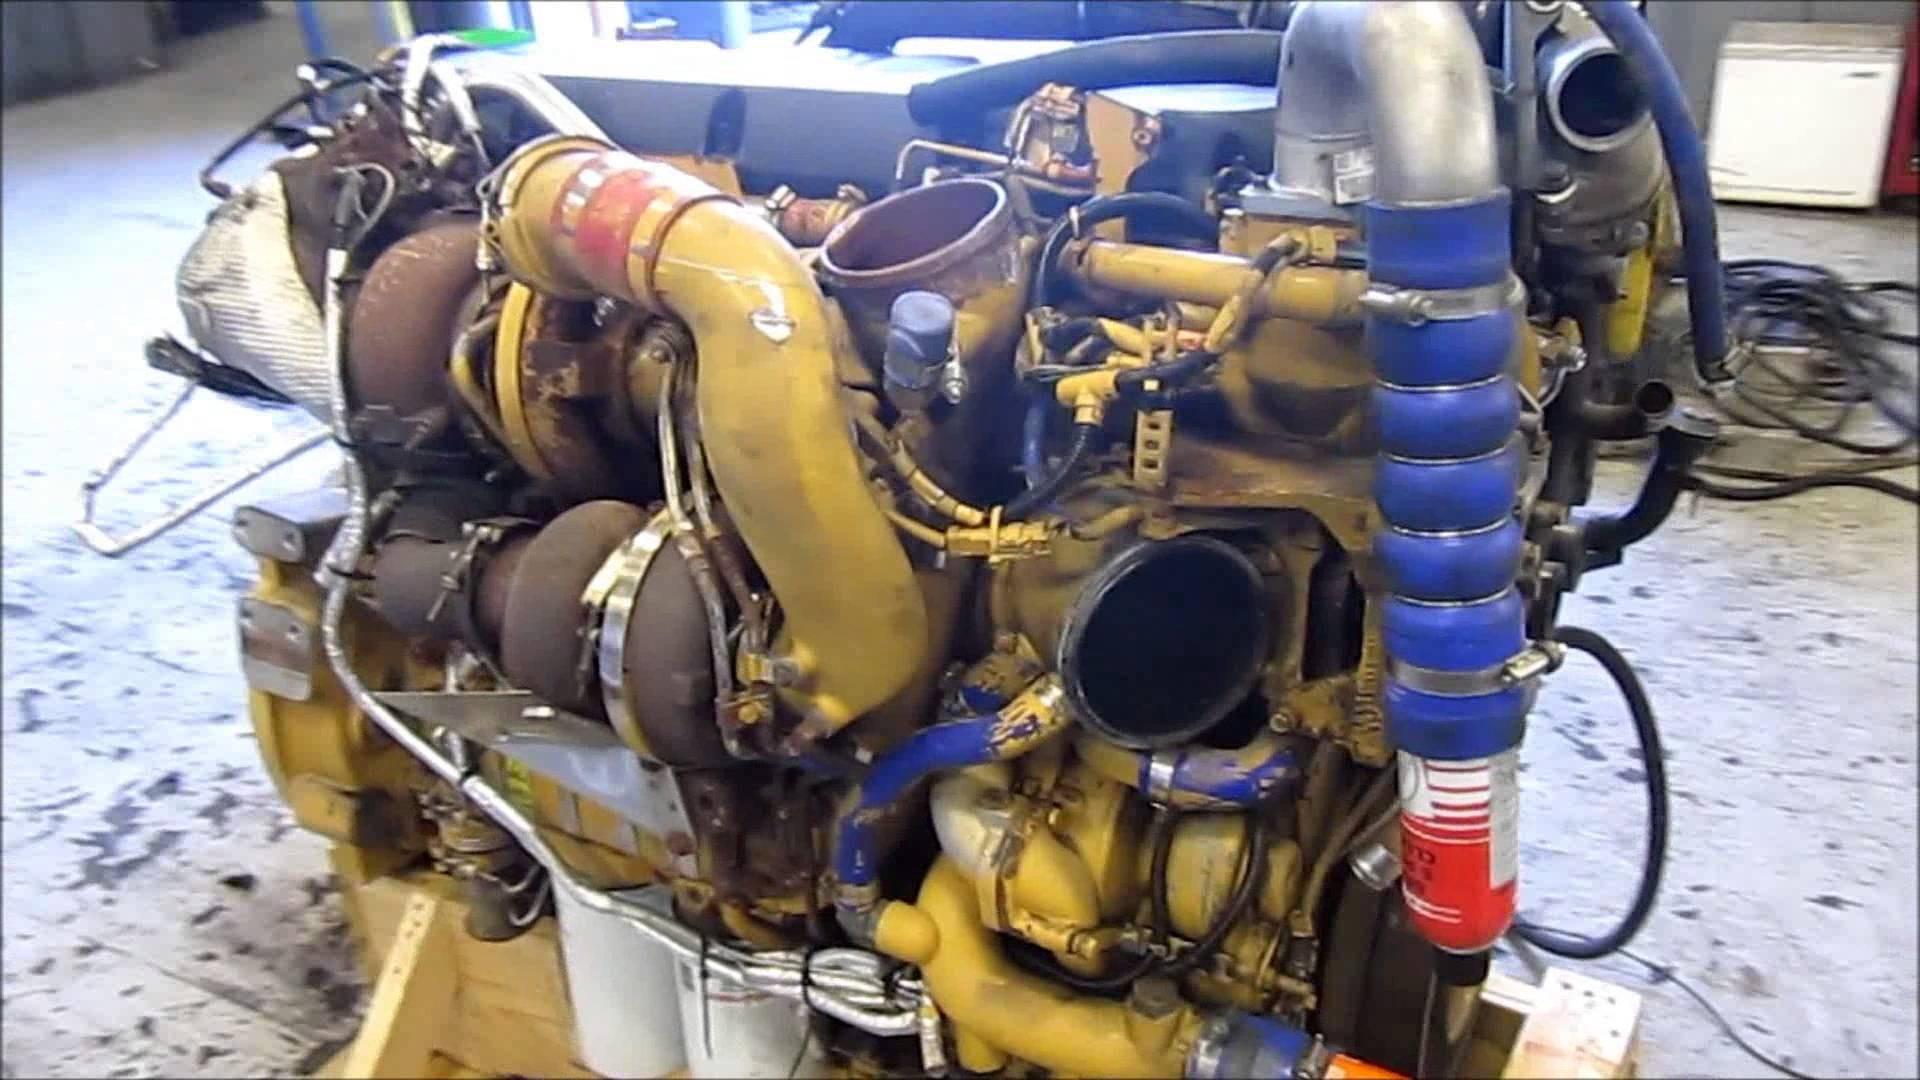 C13 Caterpillar Engine Diagram 2008 Caterpillar C13 Acert Diesel Engine Running Of C13 Caterpillar Engine Diagram